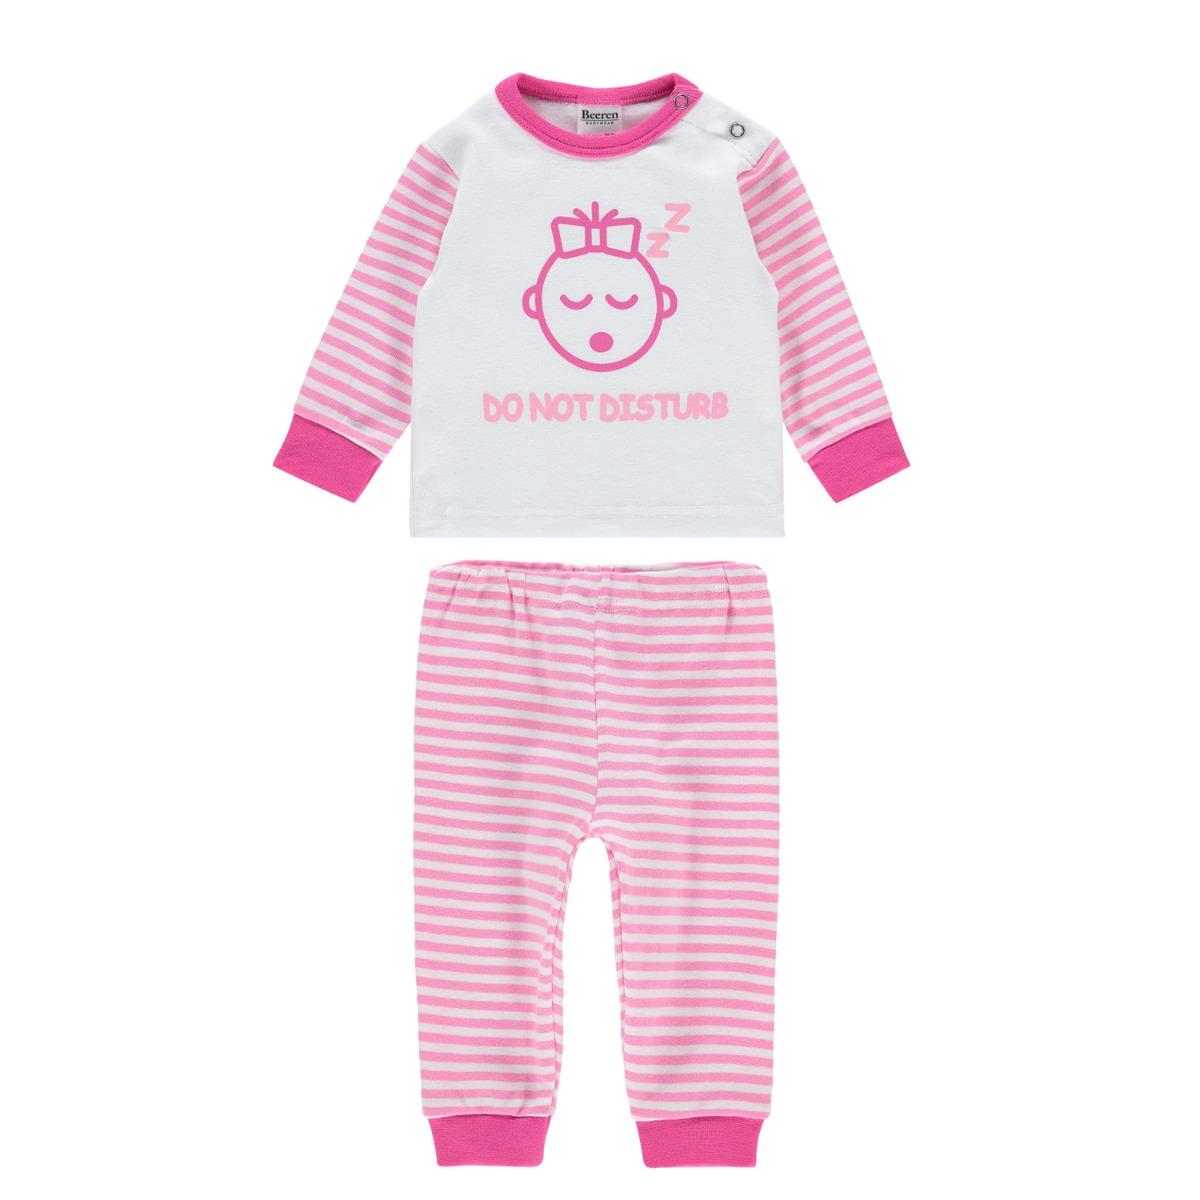 Beeren M3000 Baby Pyjama Do Not Disturb Pink 98/104